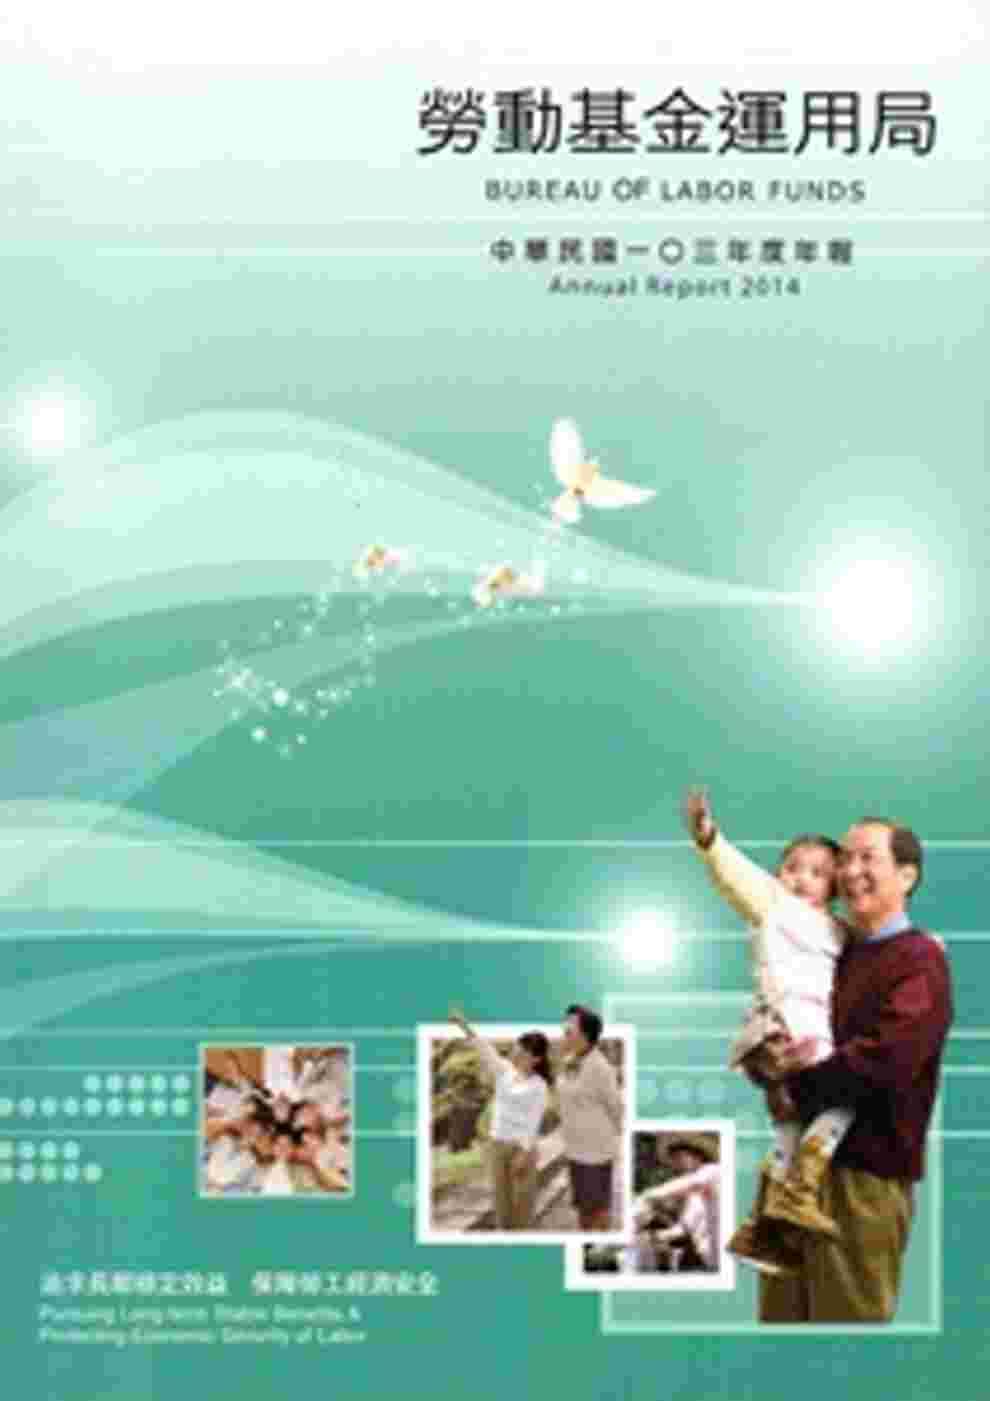 勞動基金運用局:中華民國一○三年度年報